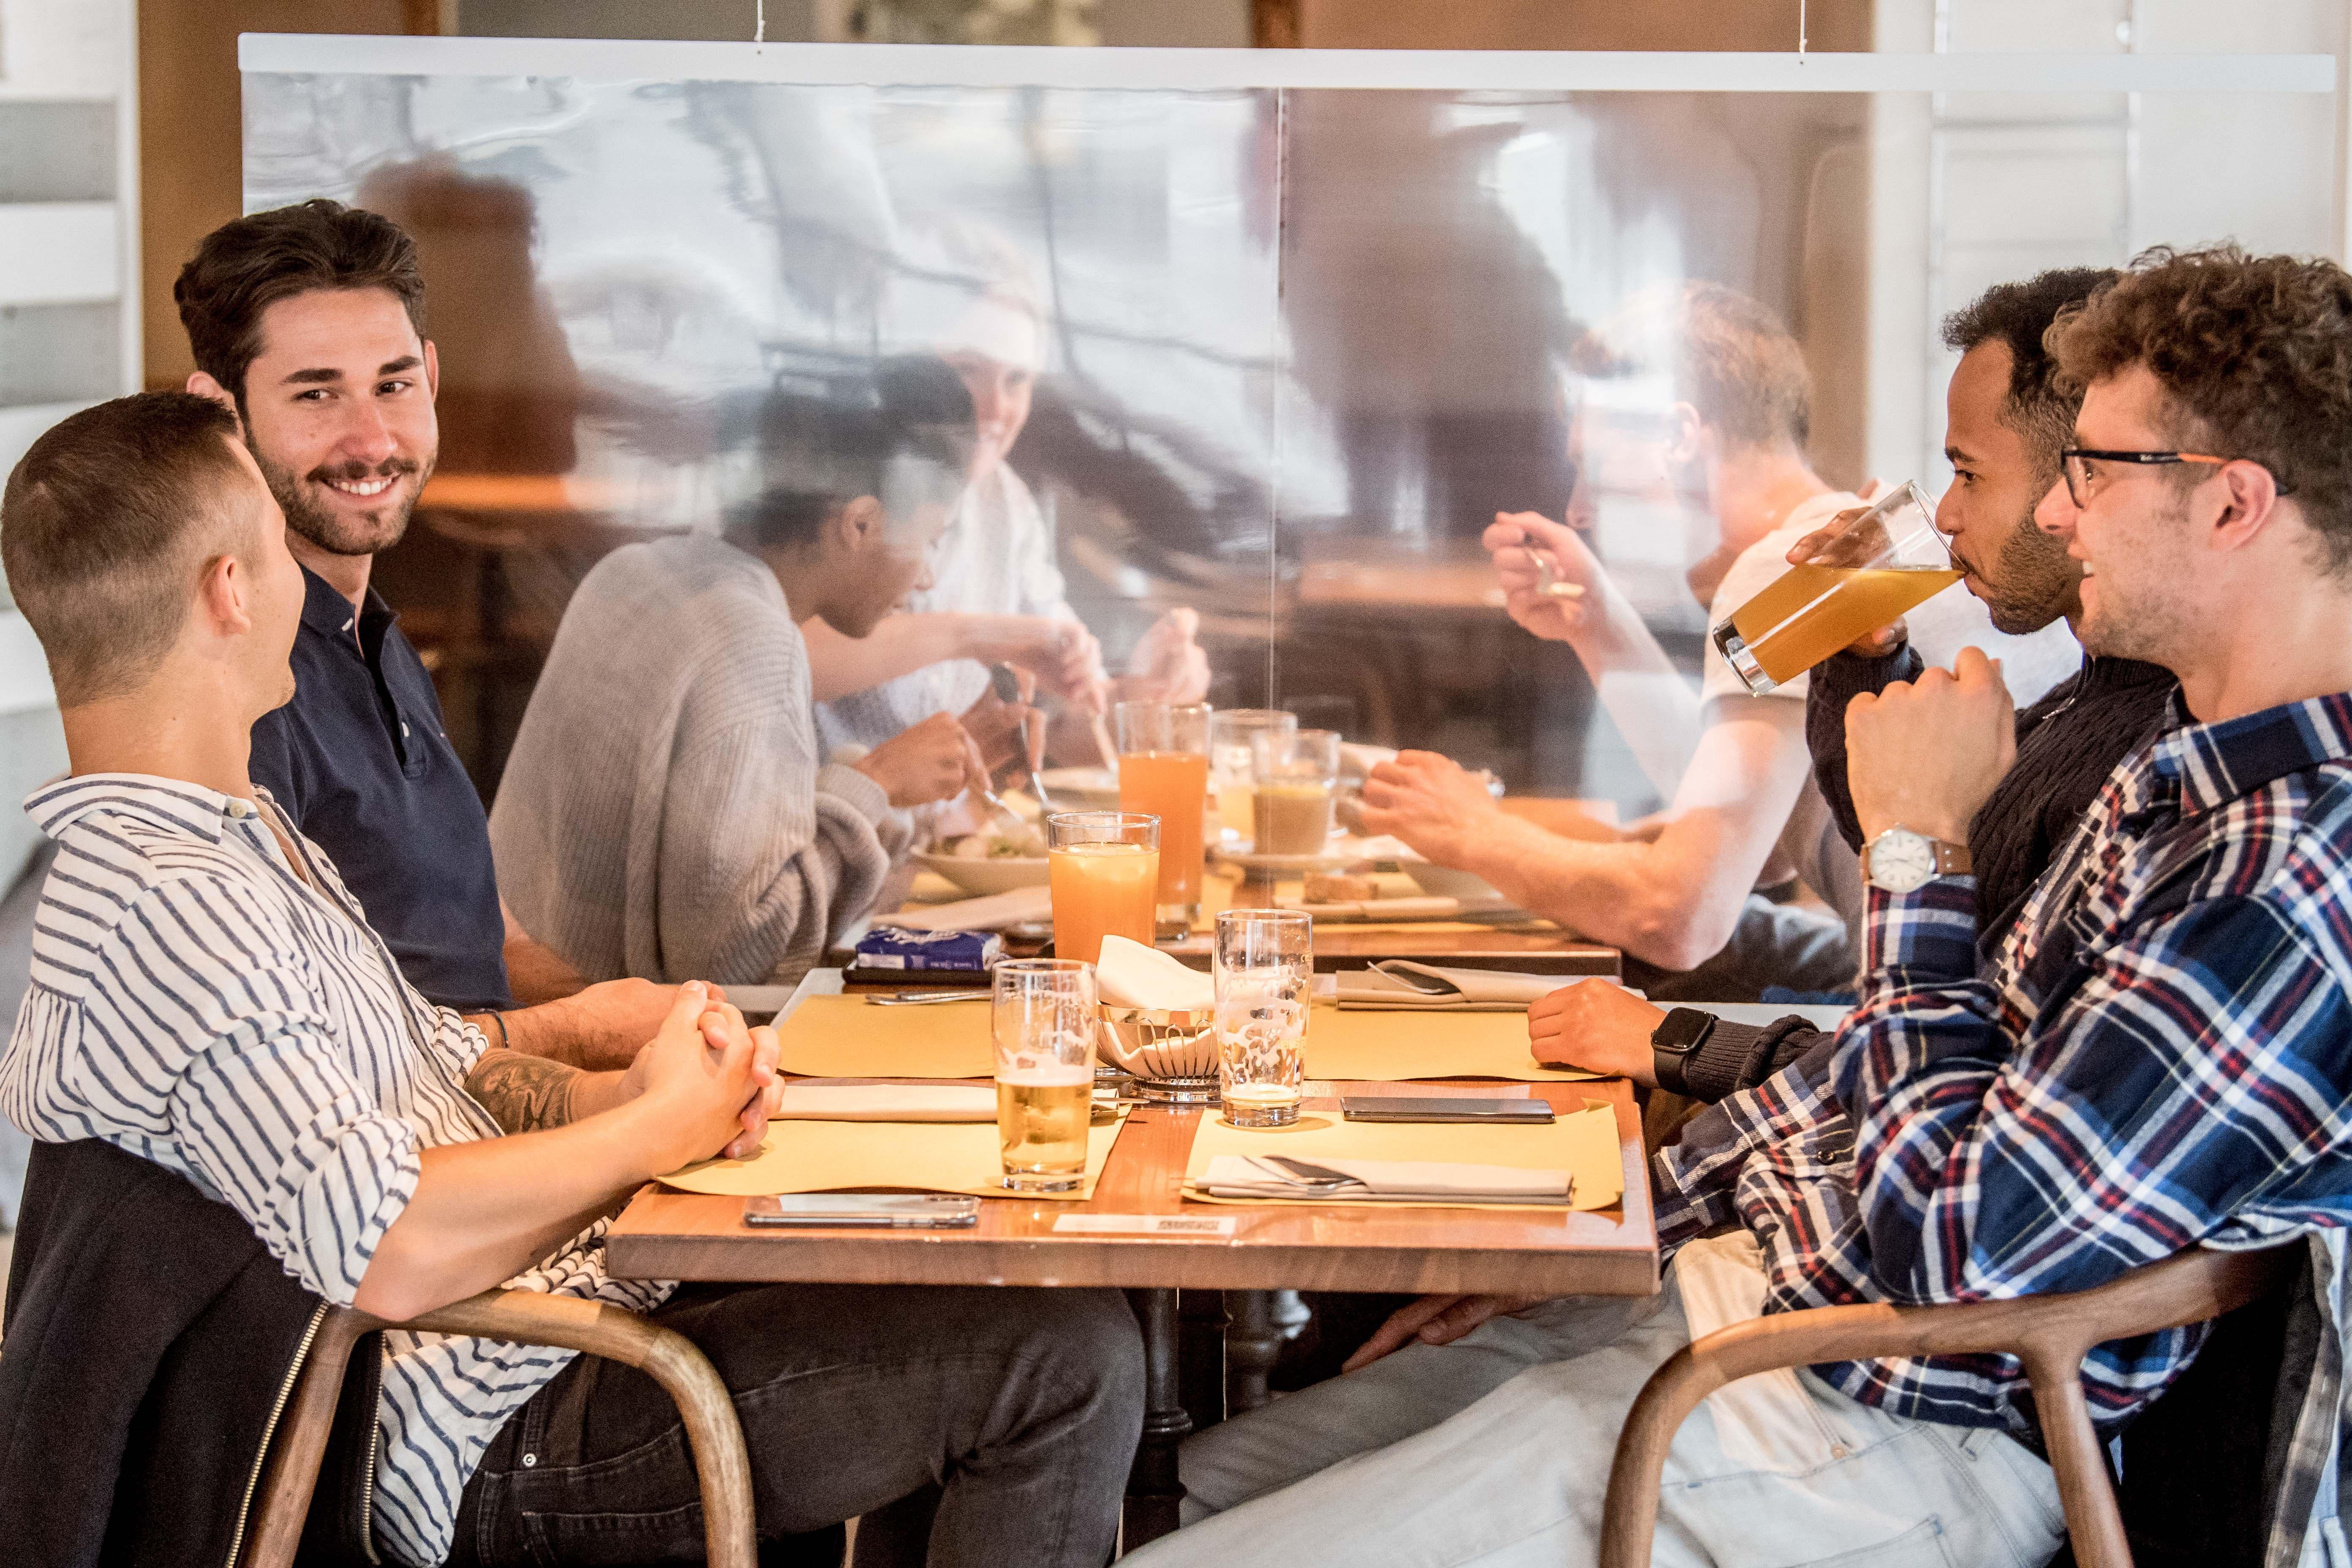 Gäste an einem Tisch im Restaurant Mill Feuille.